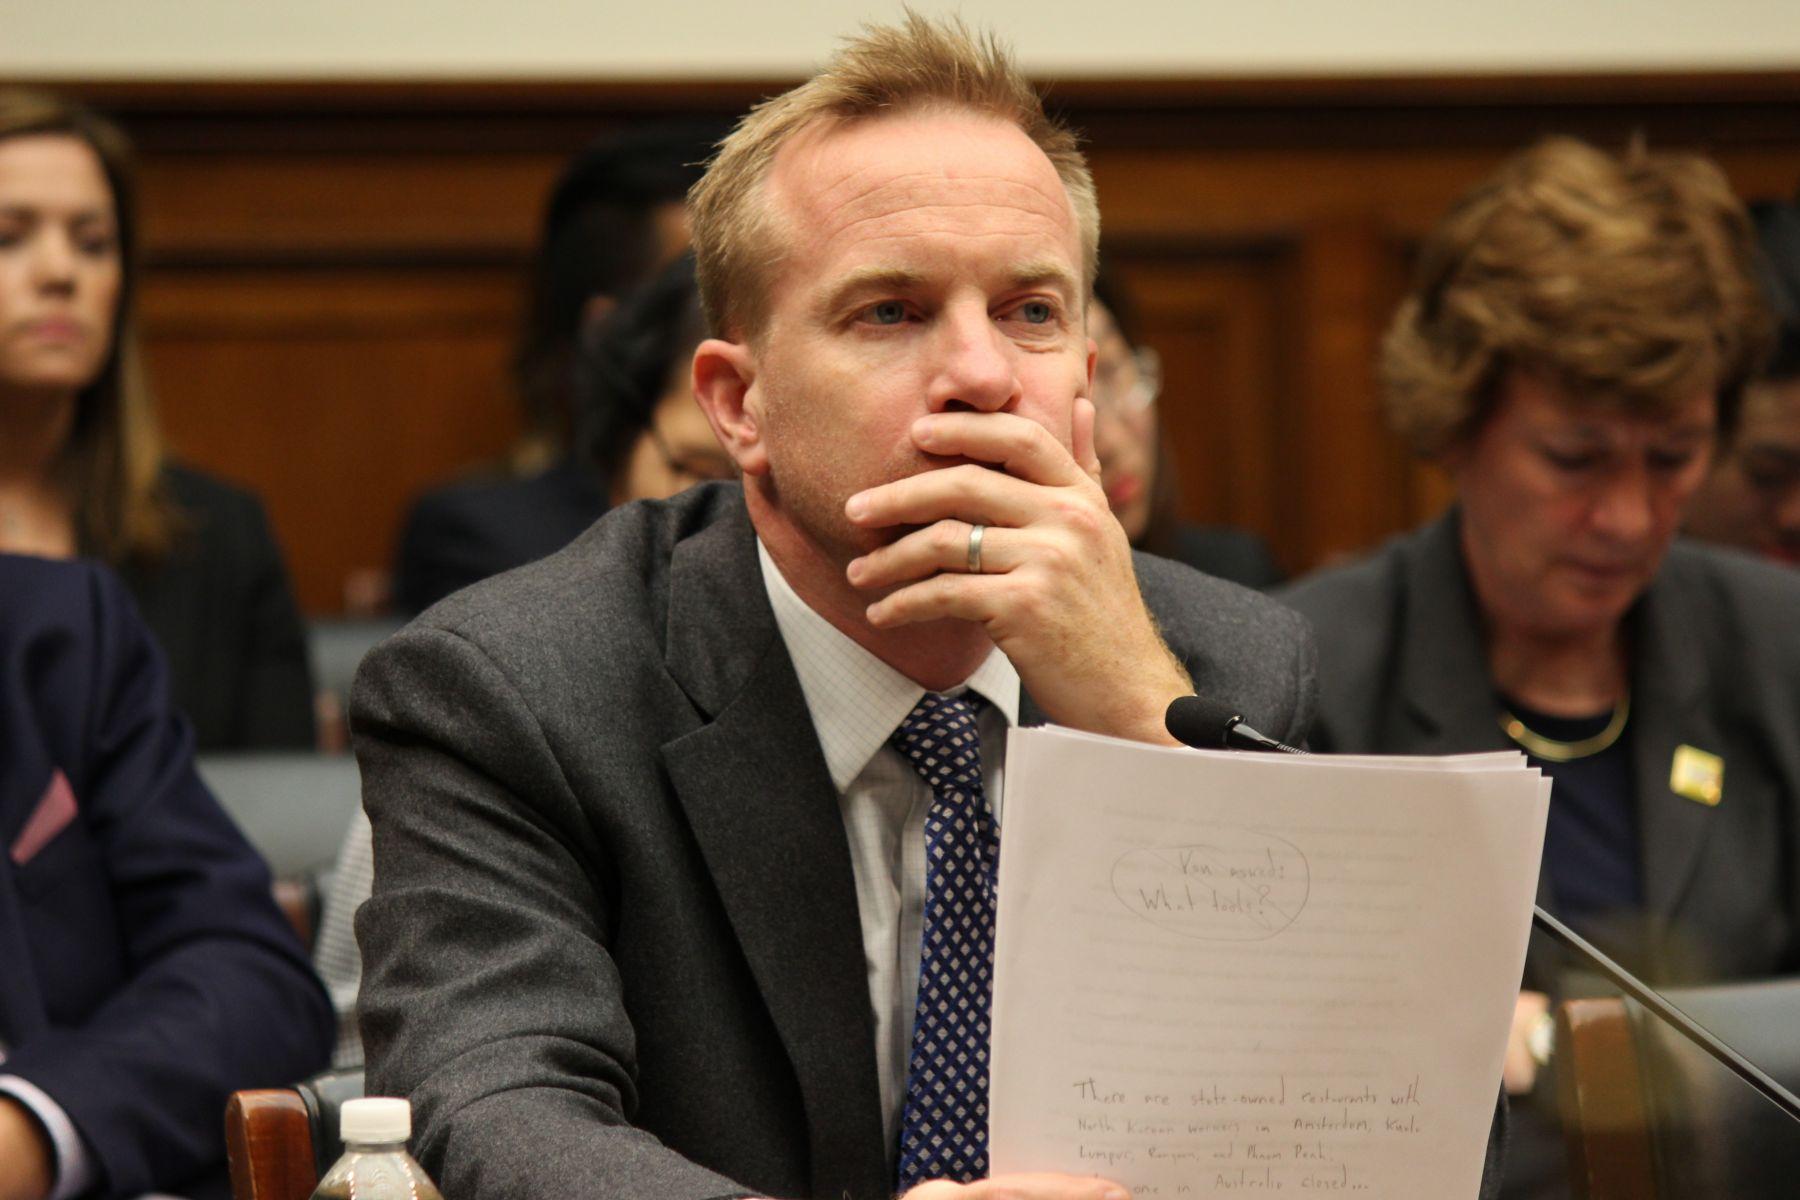 Human Rights Watch kêu gọi Quốc Hội Hoa Kỳ gửi thông điệp về nhân quyền cho bộ chính trị CSVN